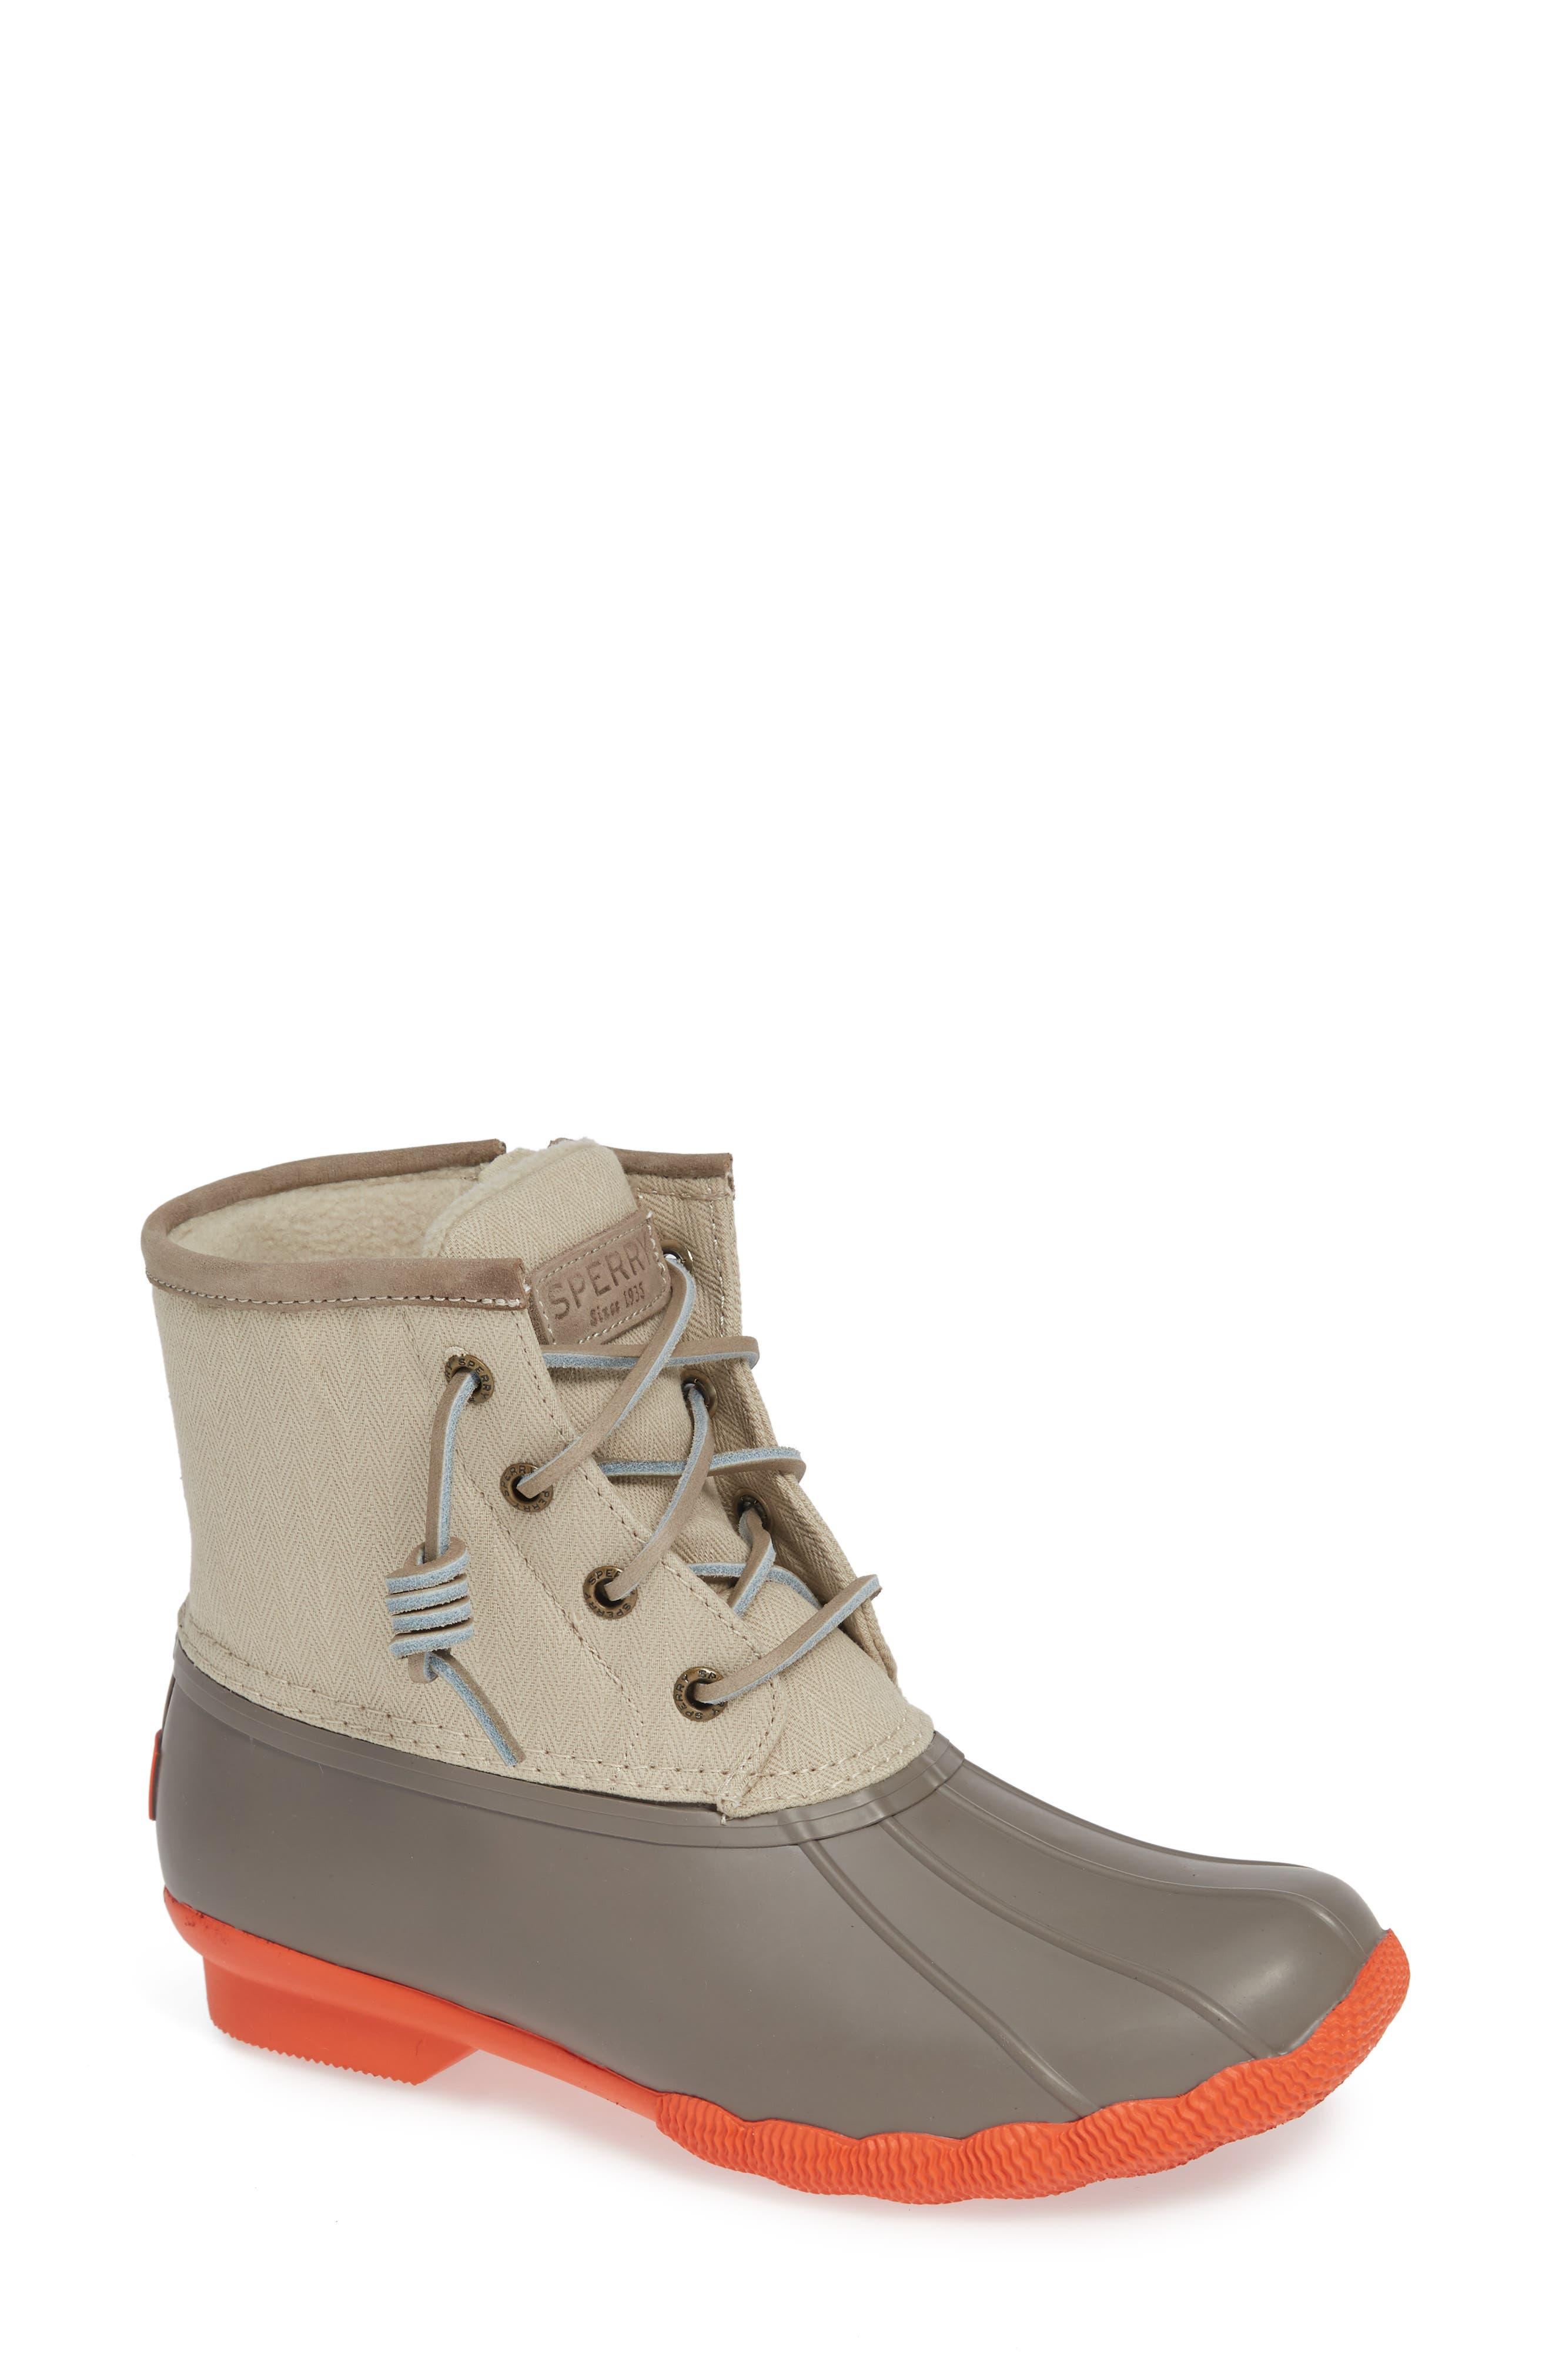 Saltwater Waterproof Rain Boot,                         Main,                         color, DARK TAUPE